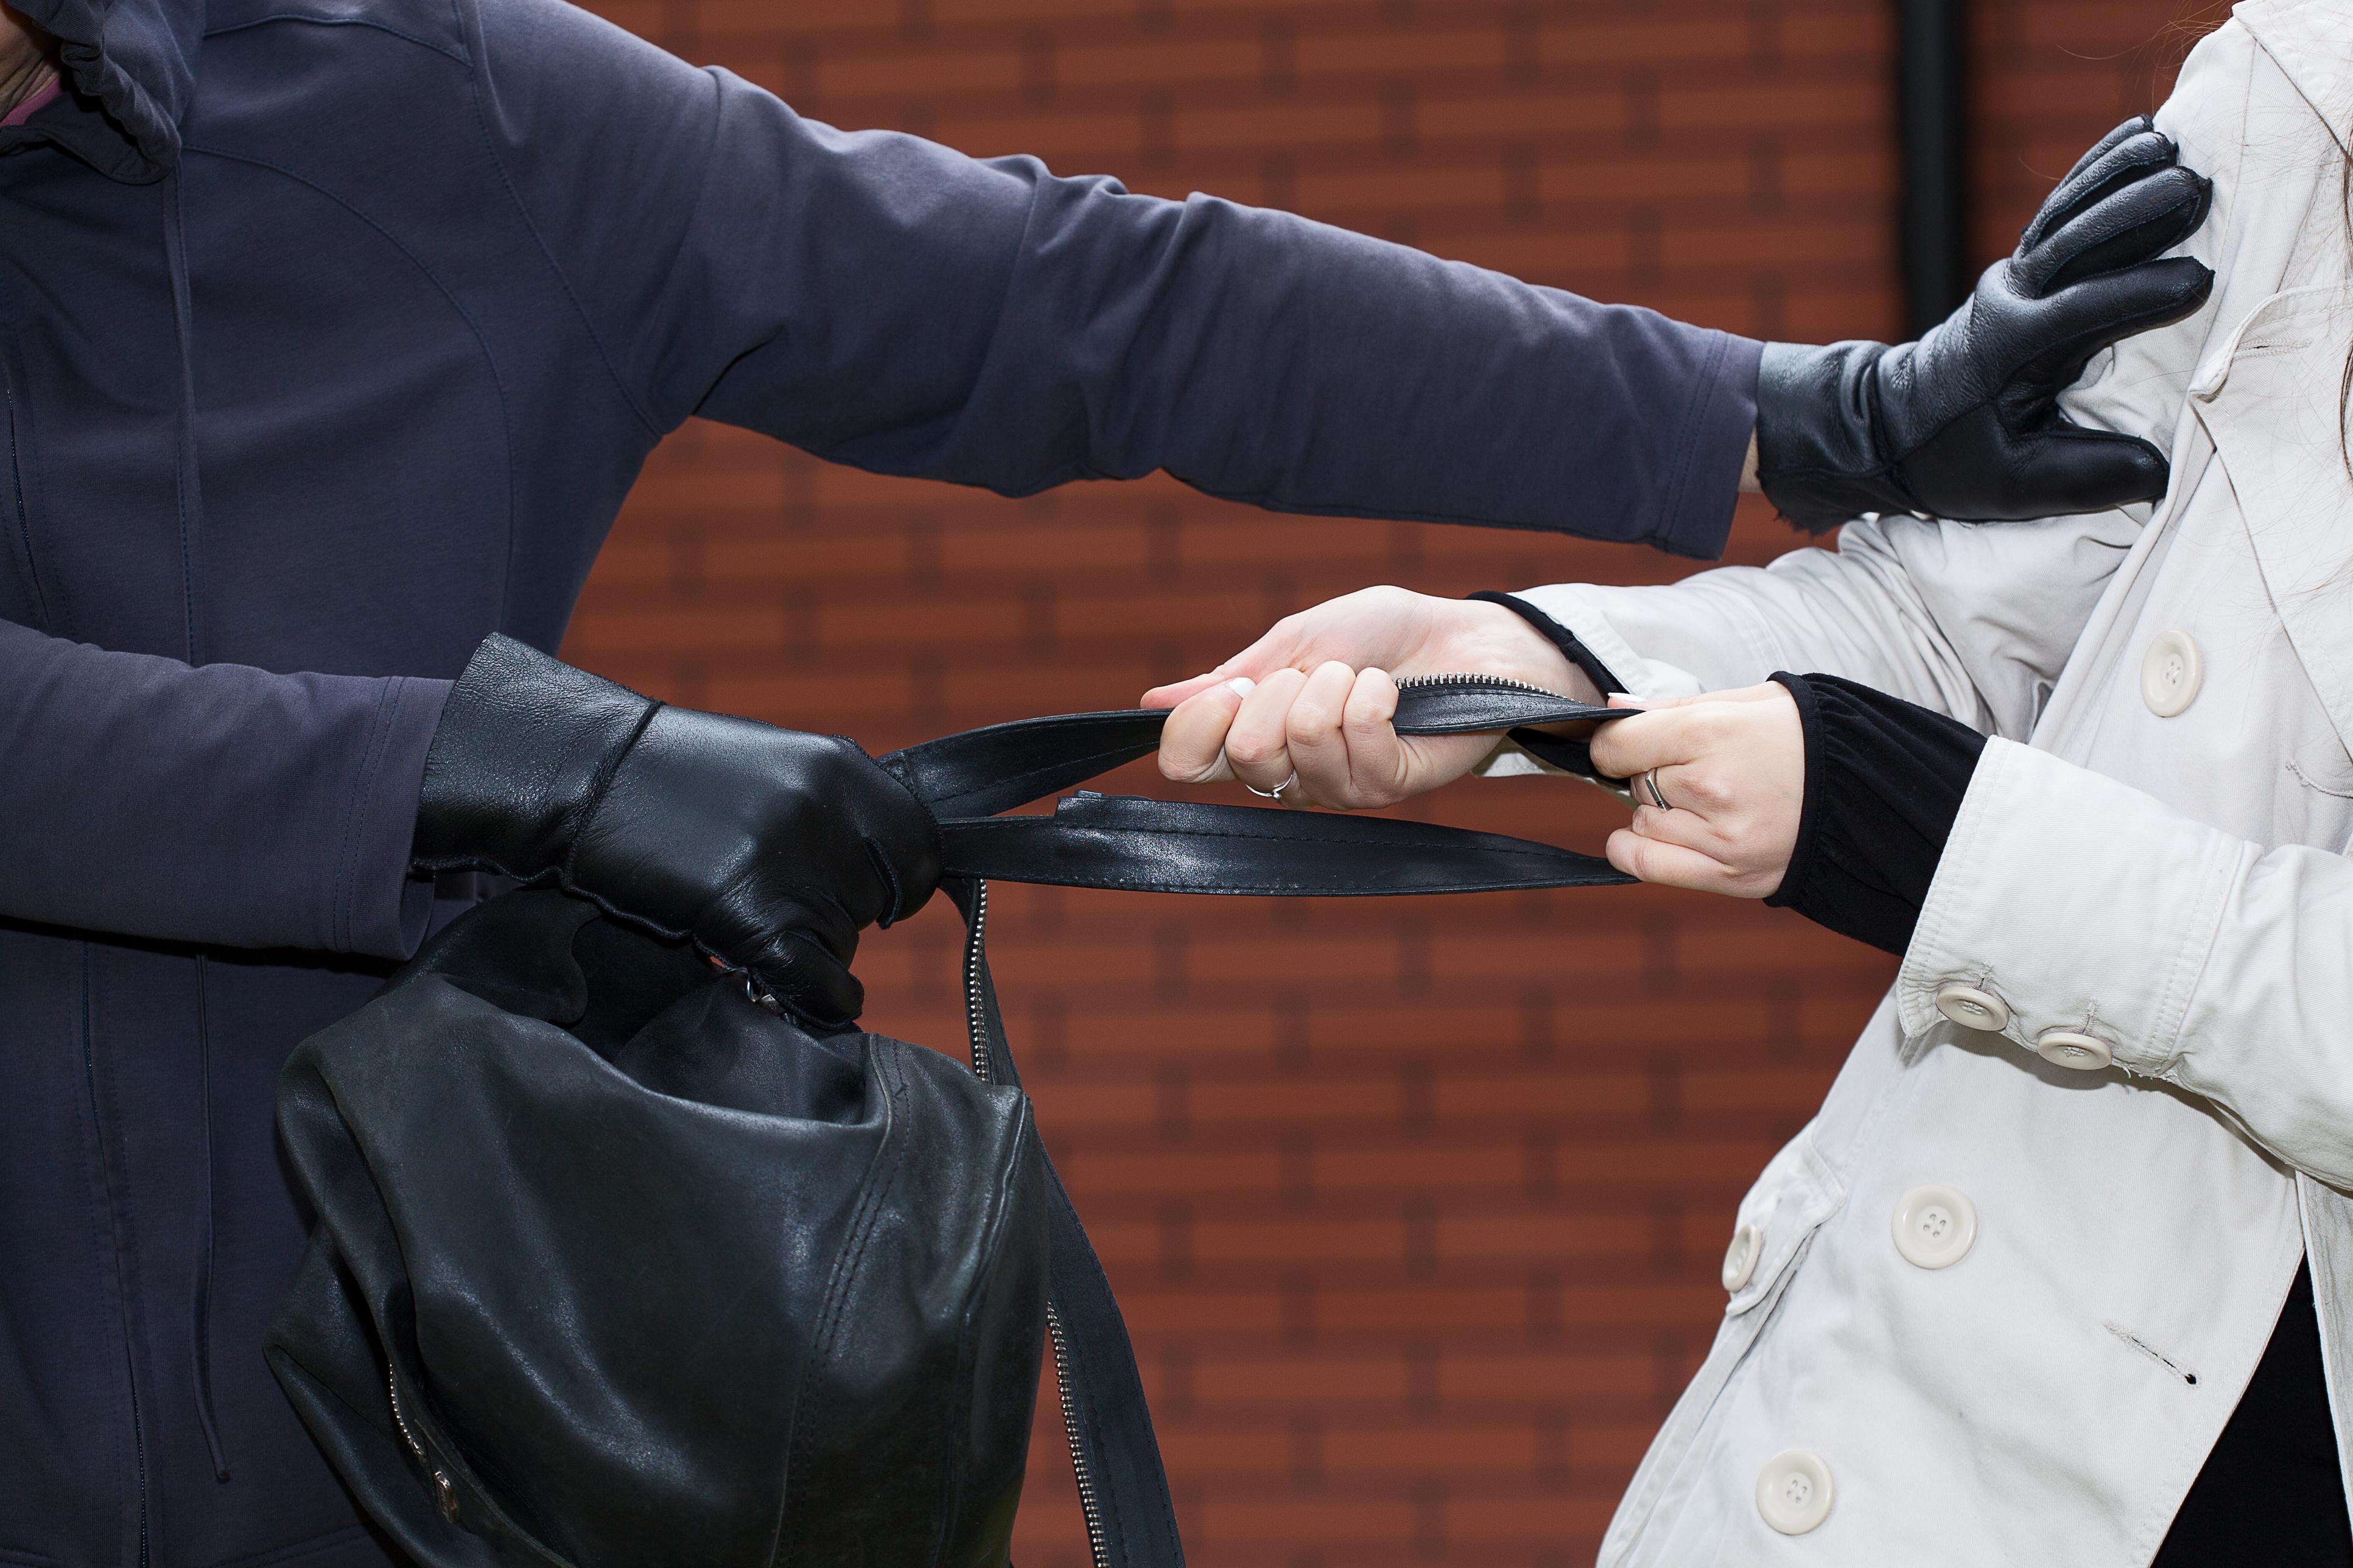 Photo of כתב אישום נגד תושב חולון שארב, תקף ושדד קשישות בנות 85 באמצע הרחוב ולאור יום בבת-ים ובחולון. כוח מיוחד לכד אותו